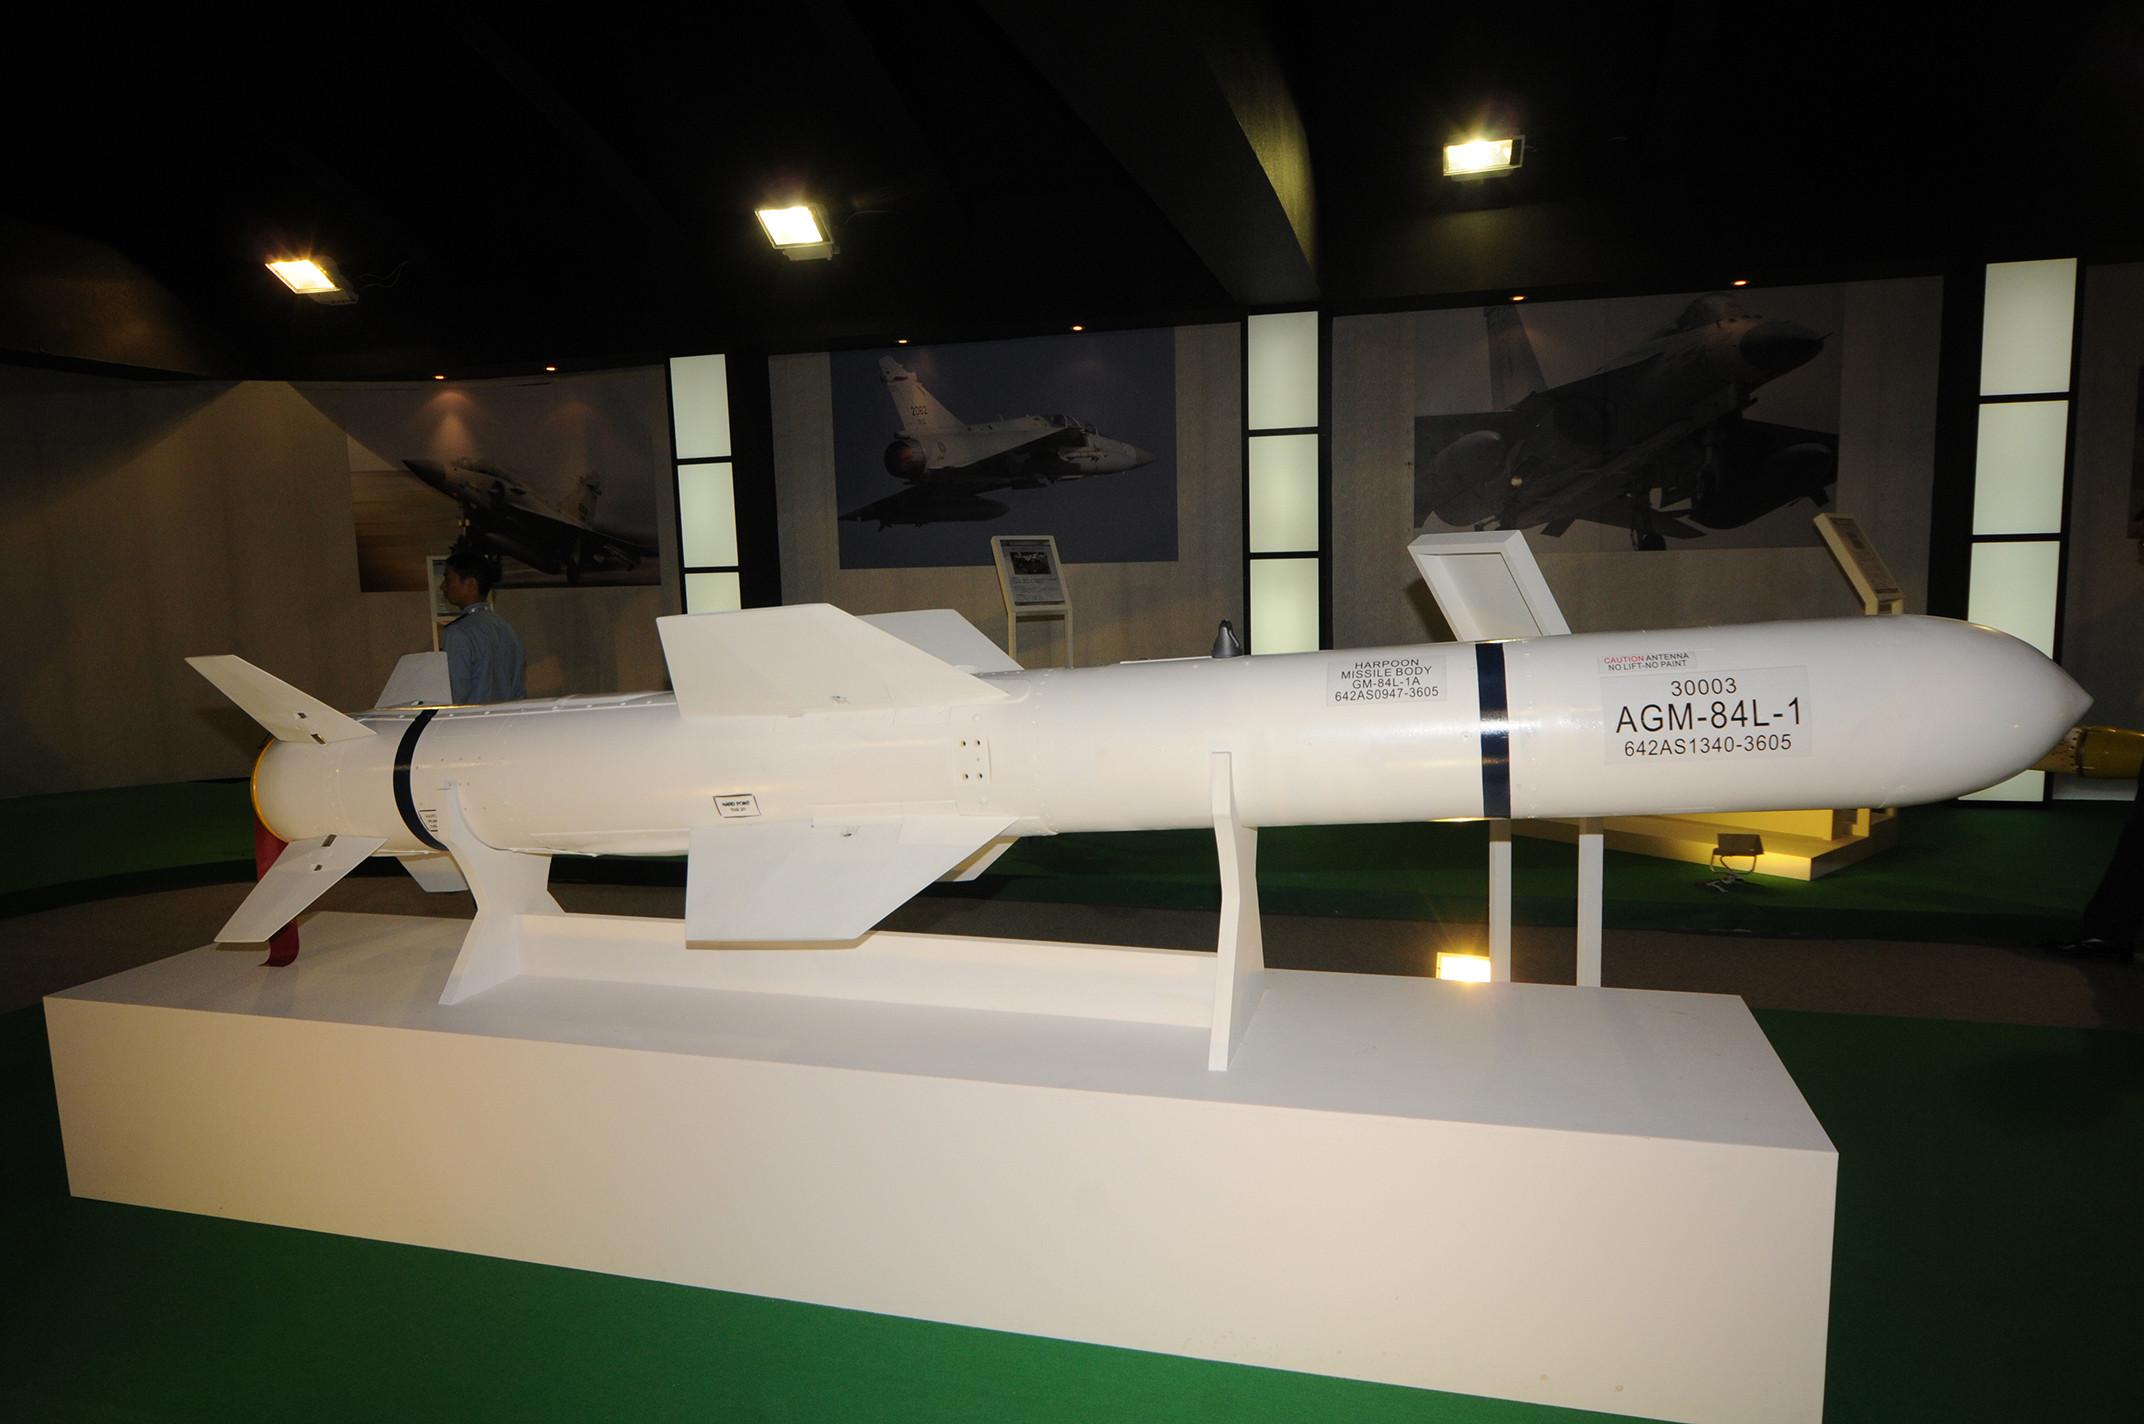 菲律賓,F-16,軍售,AIM-9X,AGM-84,F-5A/B,F-5E/F,國防,美國,空軍,東南亞